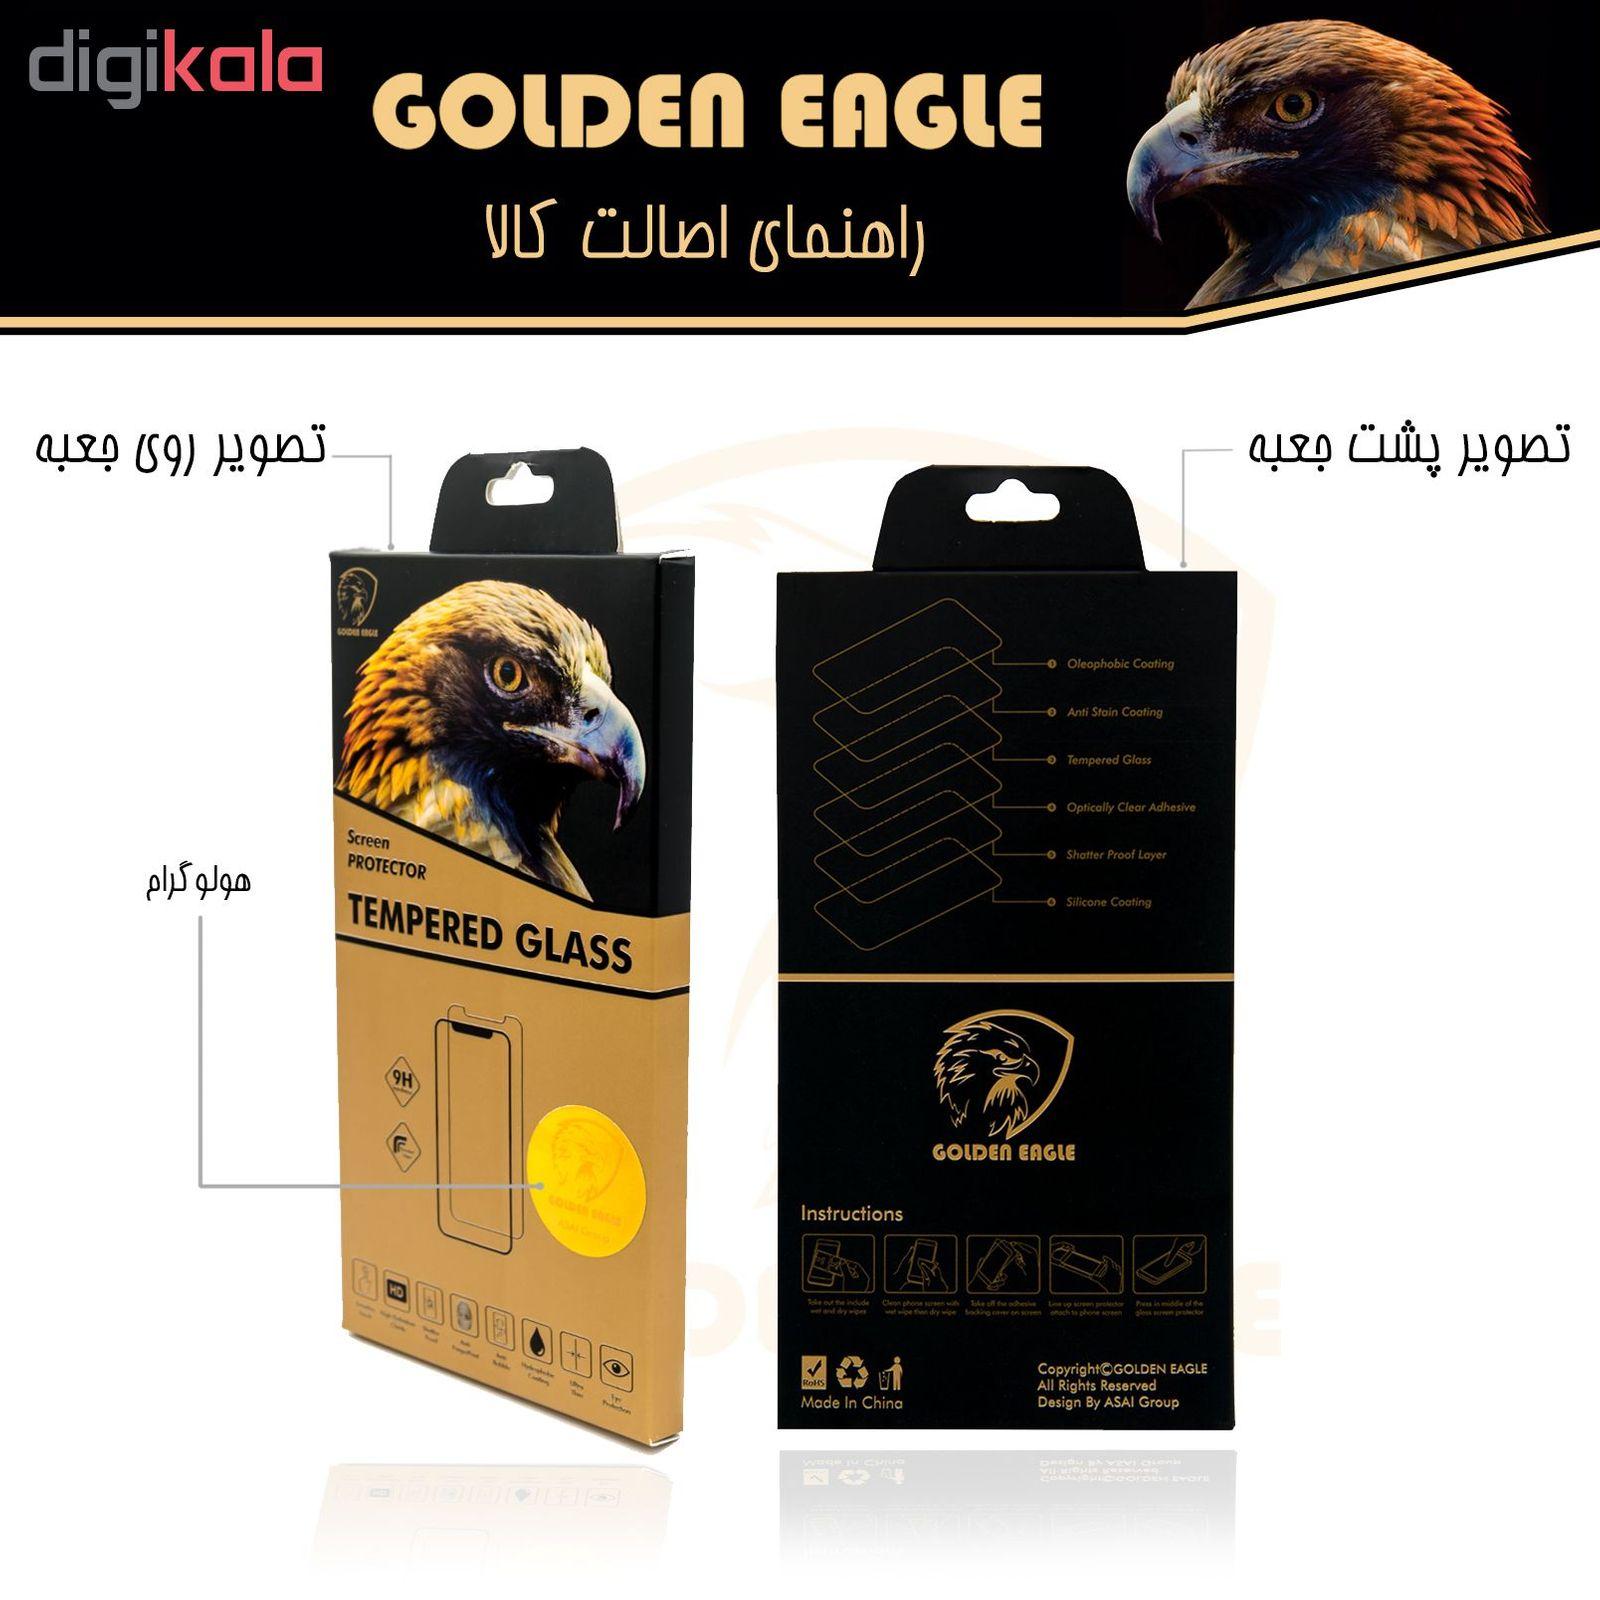 محافظ صفحه نمایش گلدن ایگل مدل DFC-X3 مناسب برای گوشی موبایل سامسونگ Galaxy A70 بسته سه عددی main 1 5